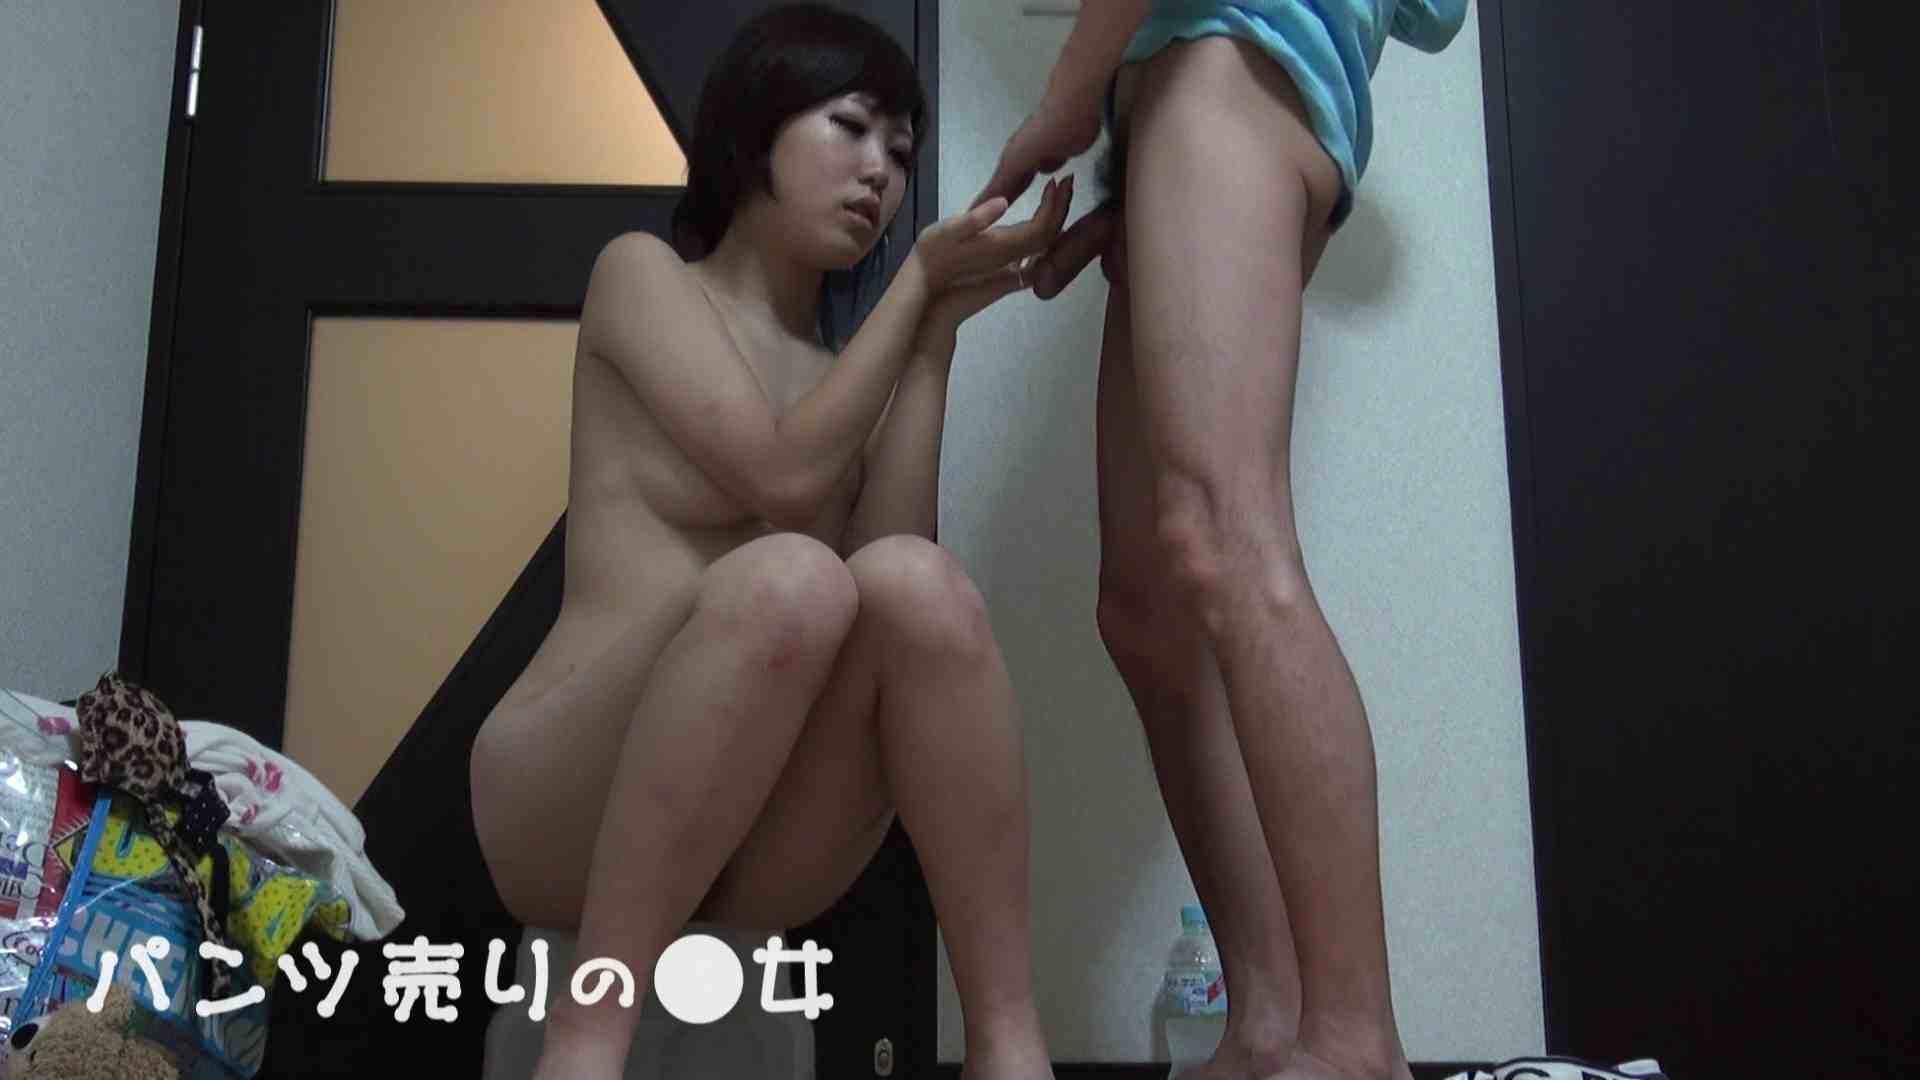 新説 パンツ売りの女の子nana02 覗き セックス無修正動画無料 102連発 64